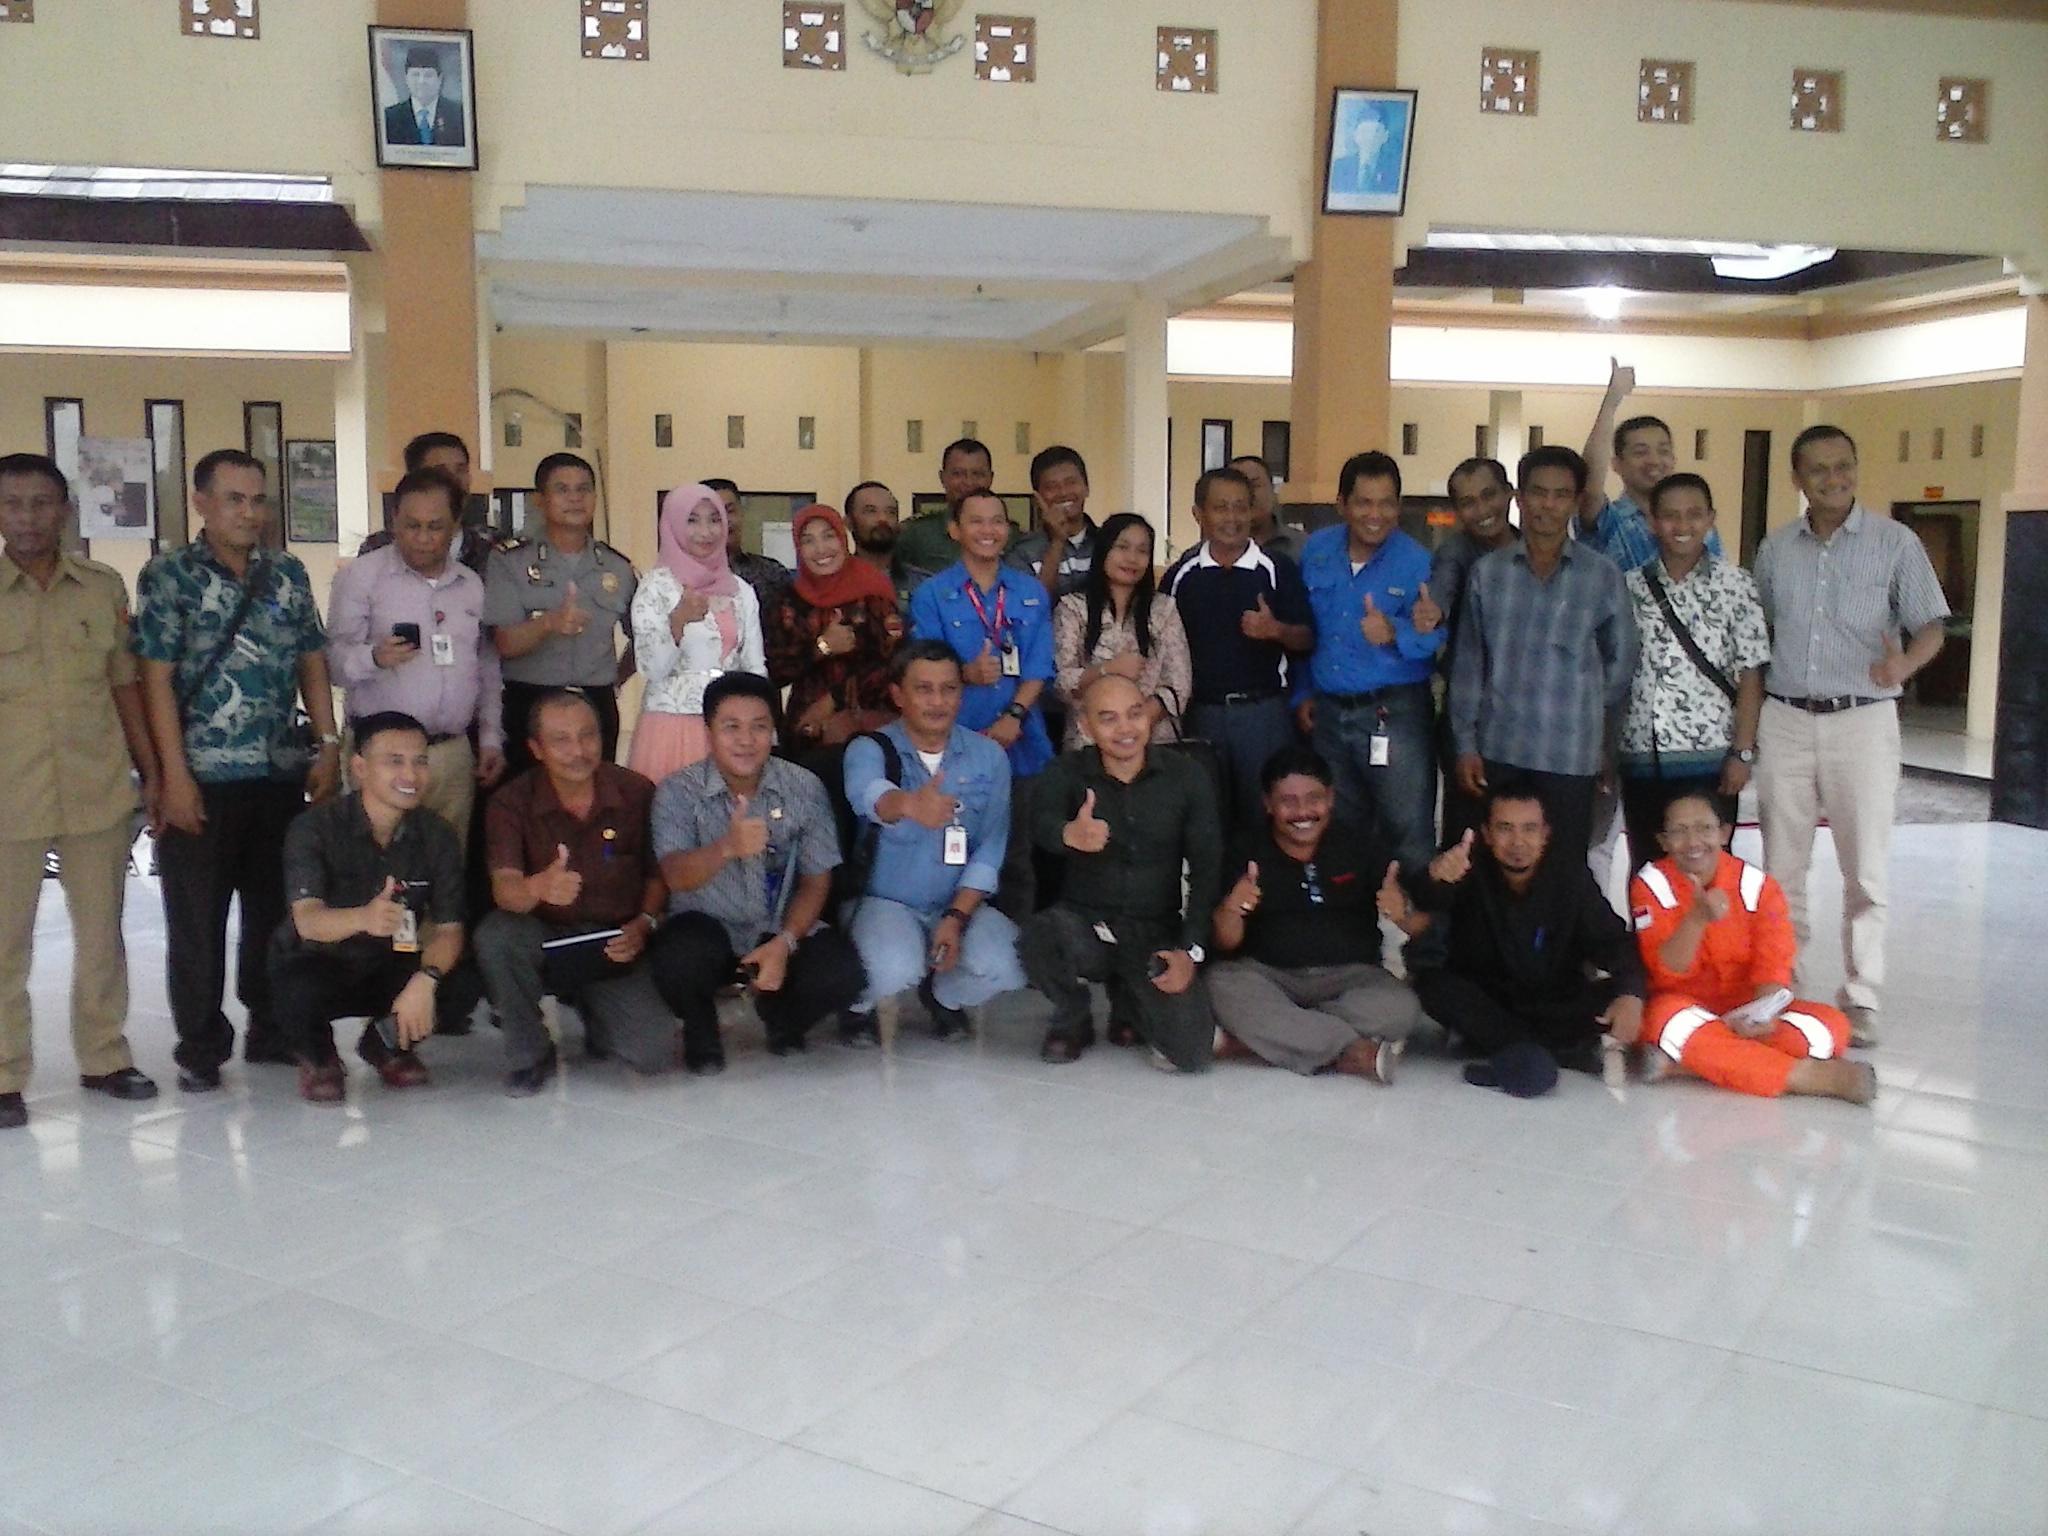 Kantor Kecamatan Gayam<BR>Mendukung Lumbung Pangan